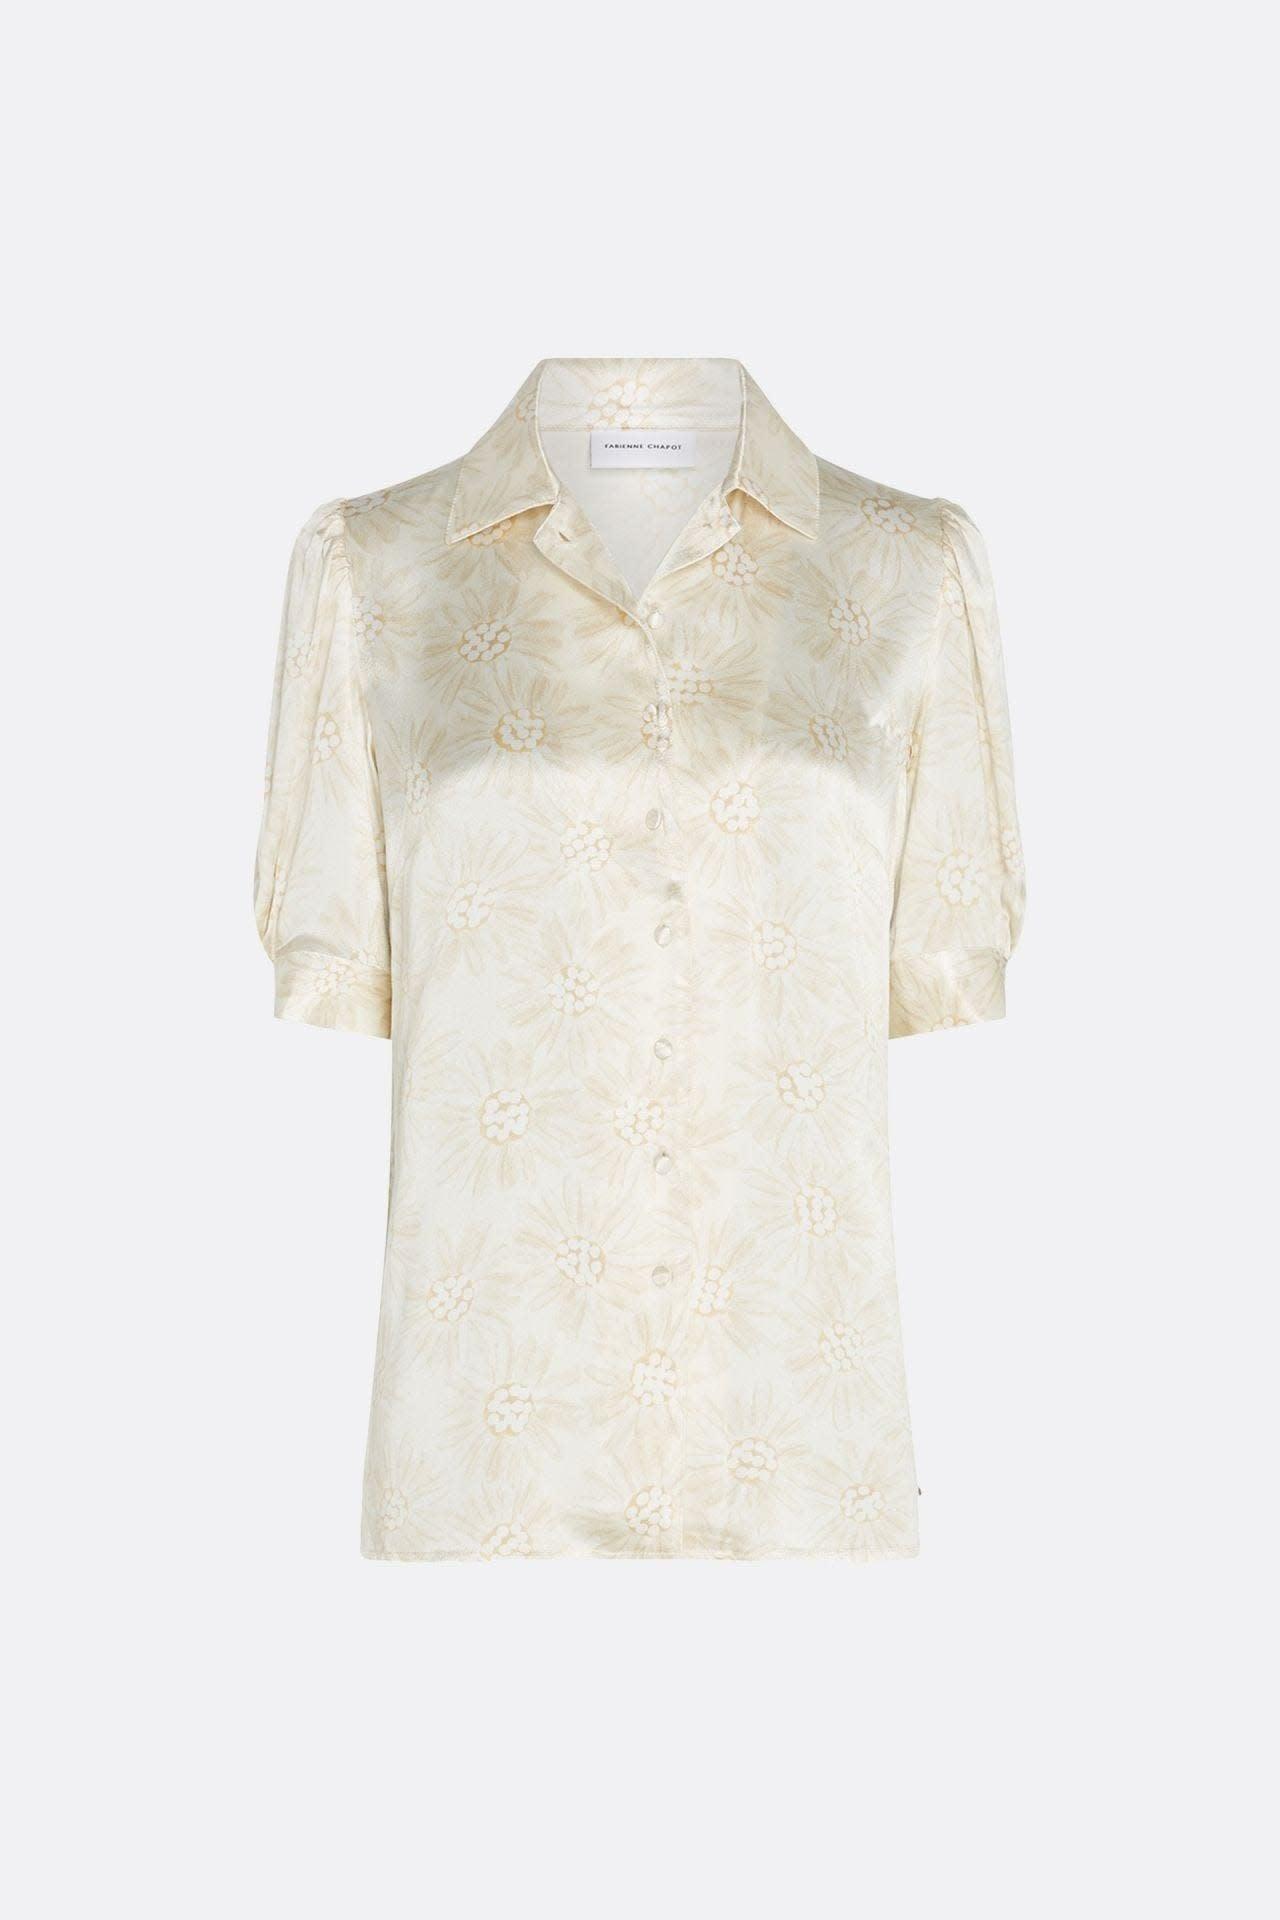 Emma cato blouse-1